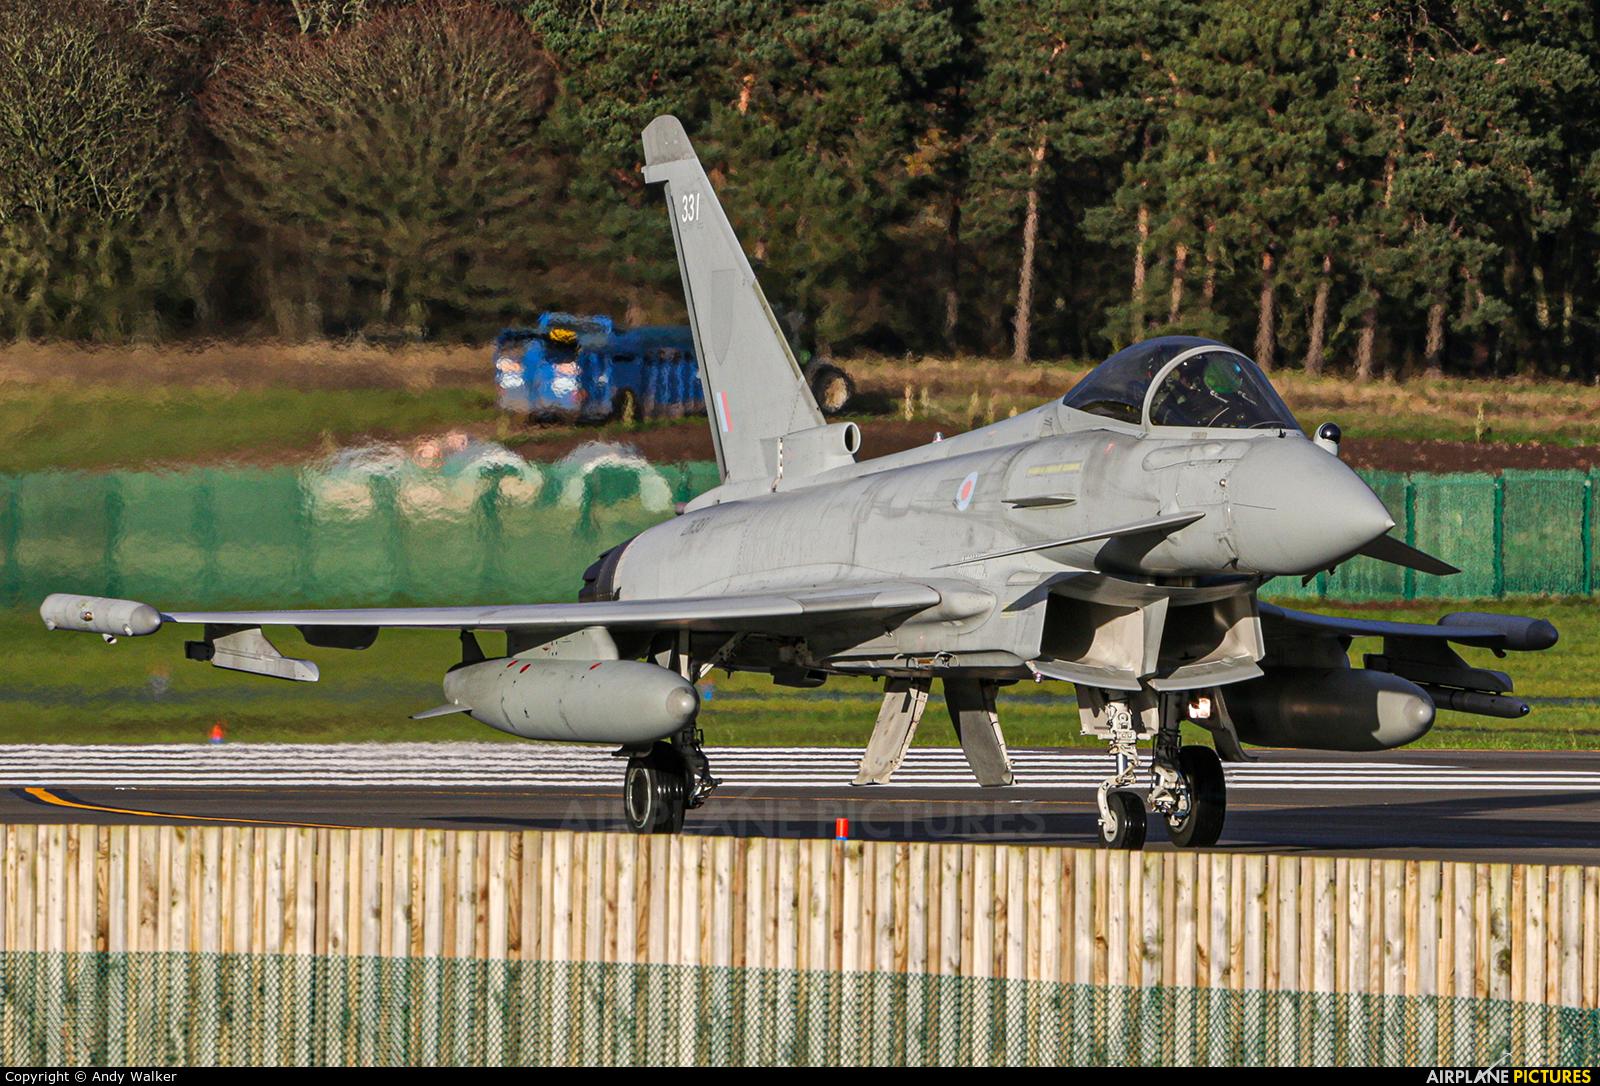 Royal Air Force ZK331 aircraft at Lossiemouth